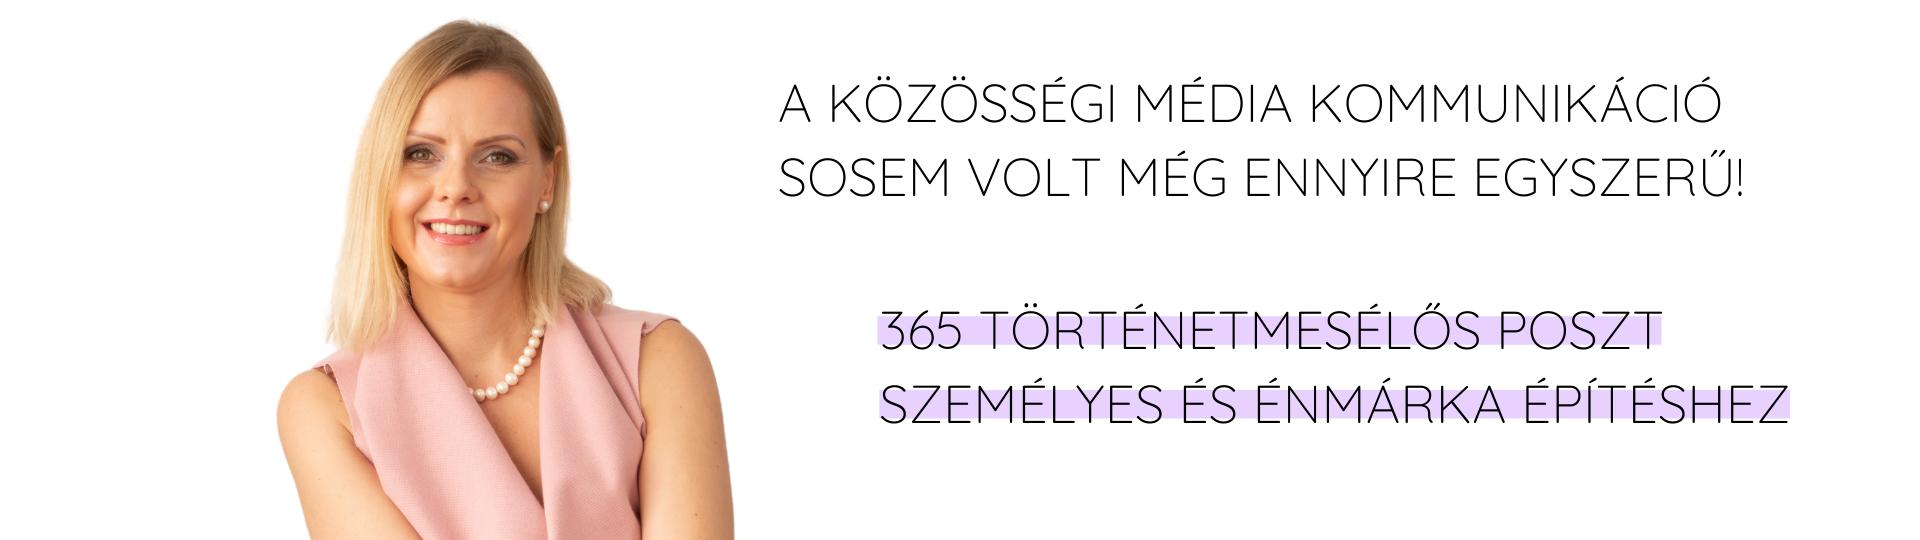 365 történetmesélős poszt